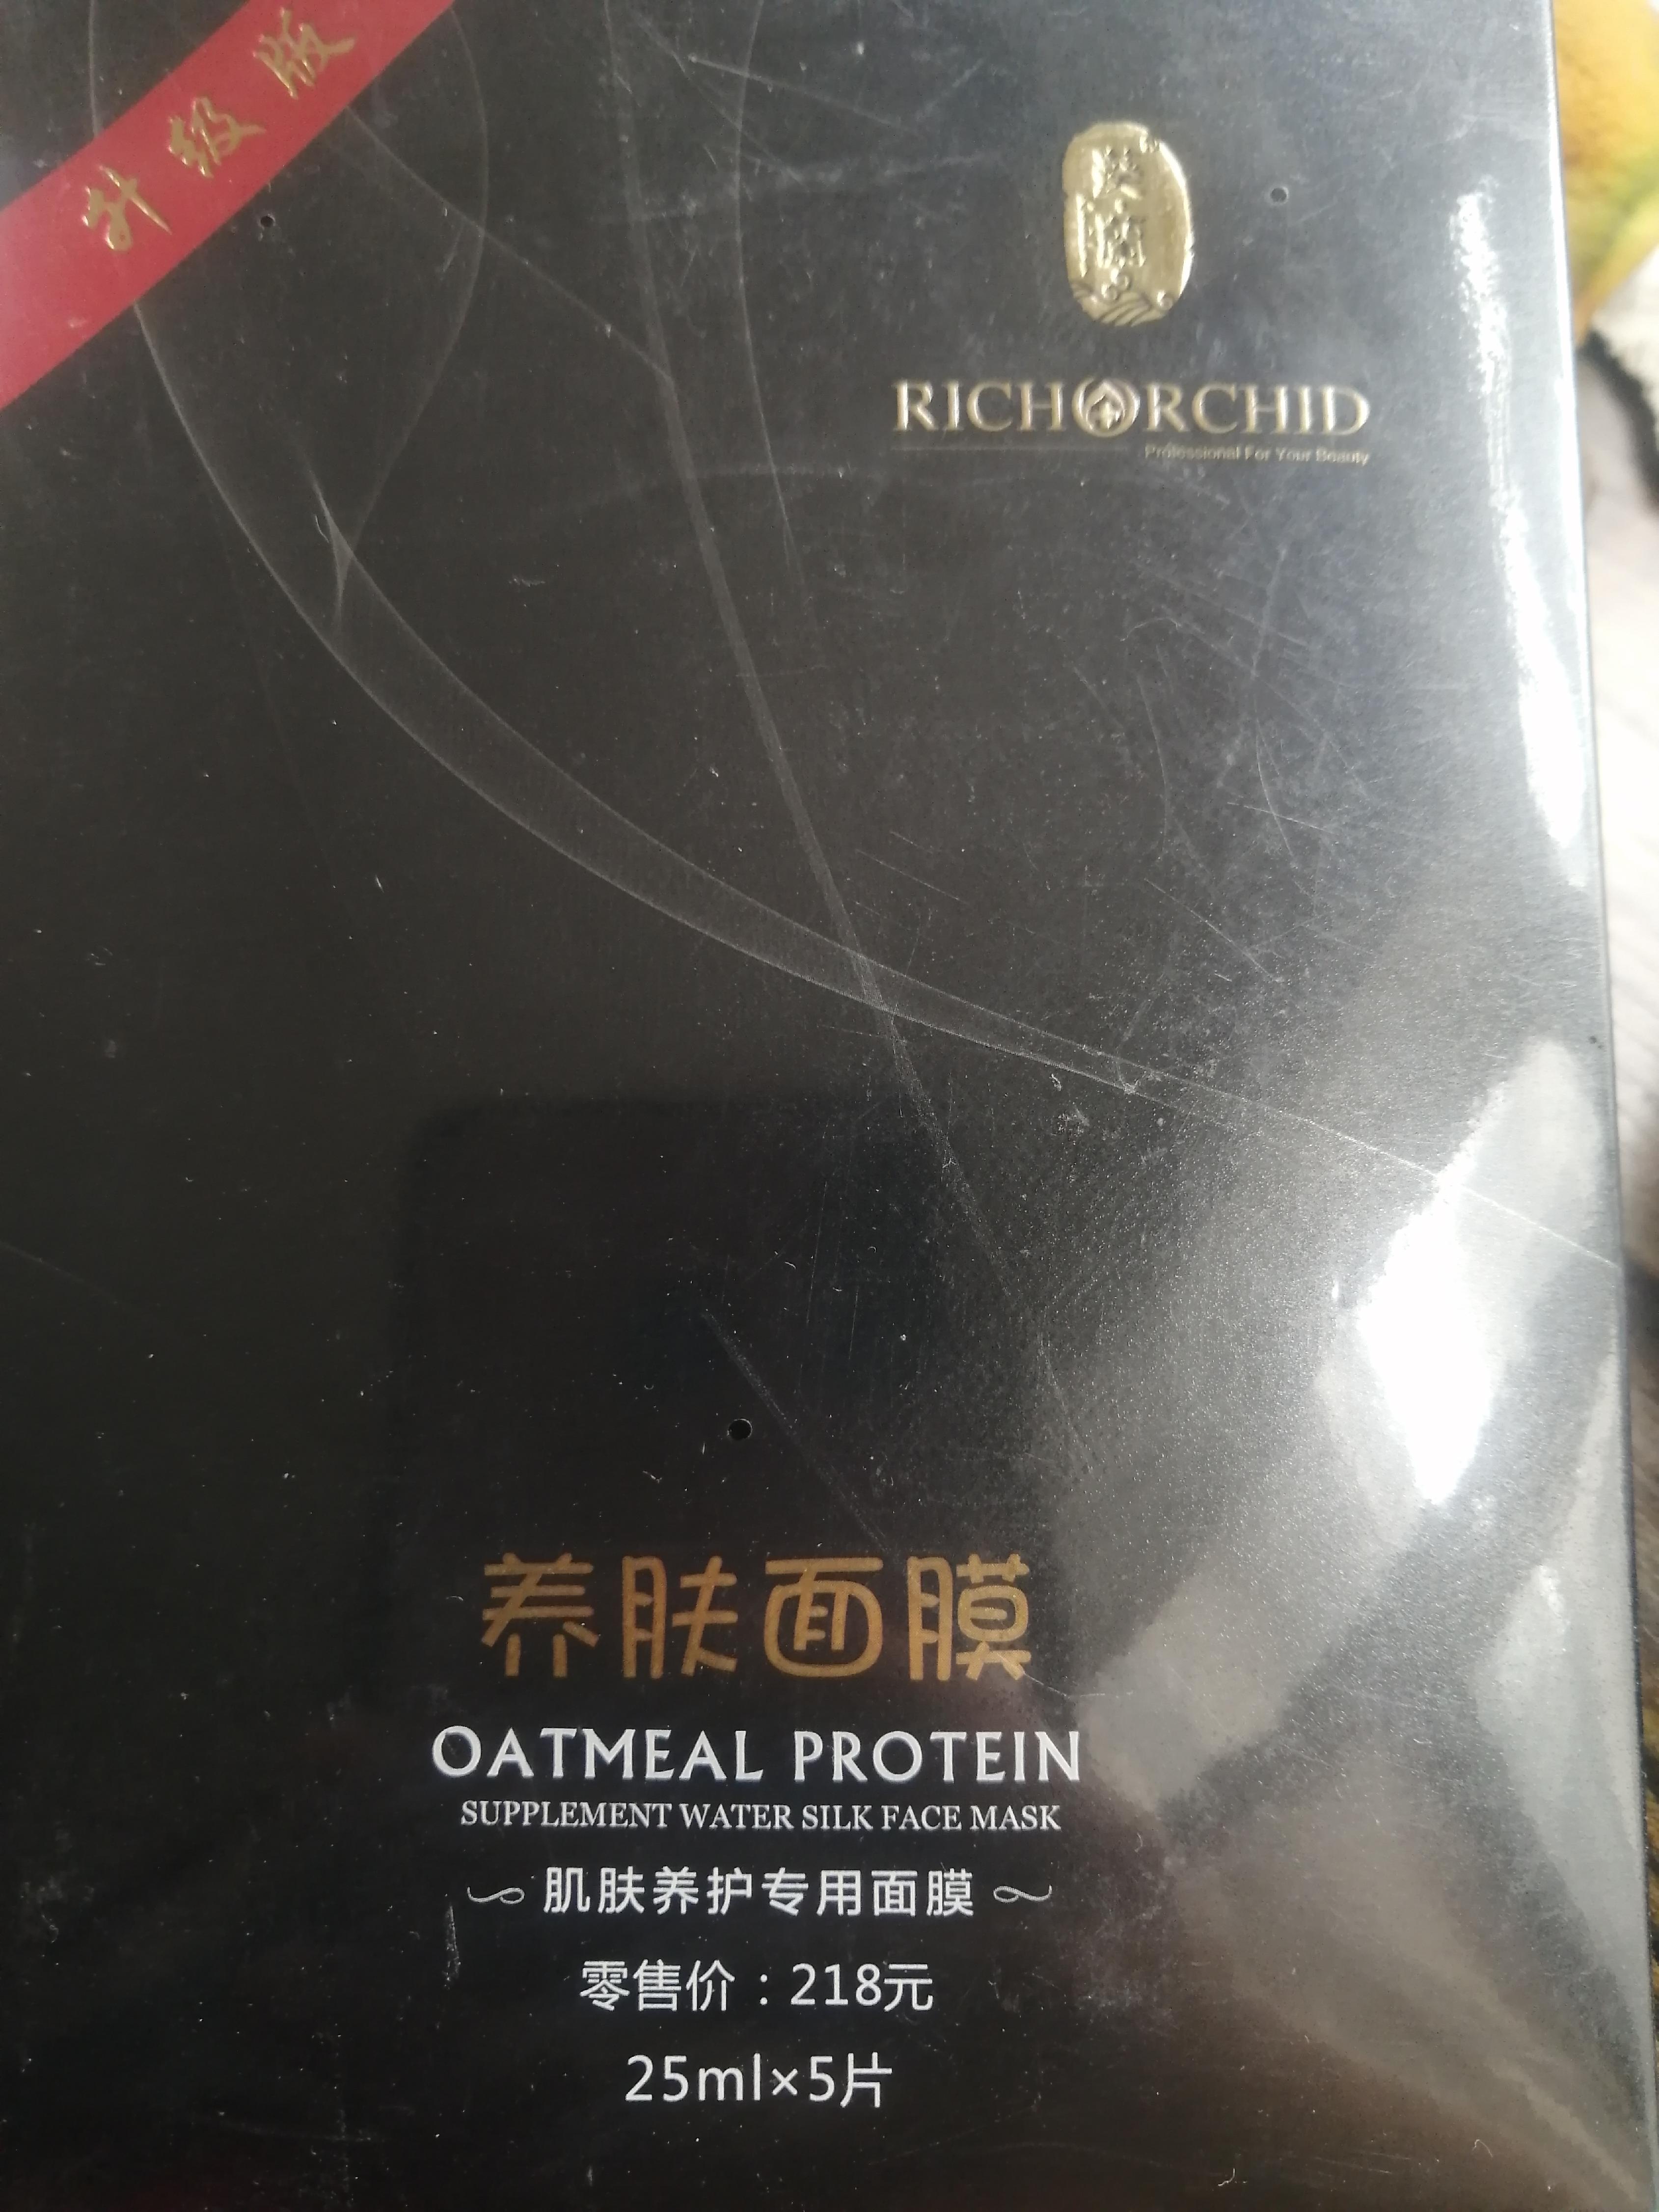 燕麦蛋白补水蚕丝面膜